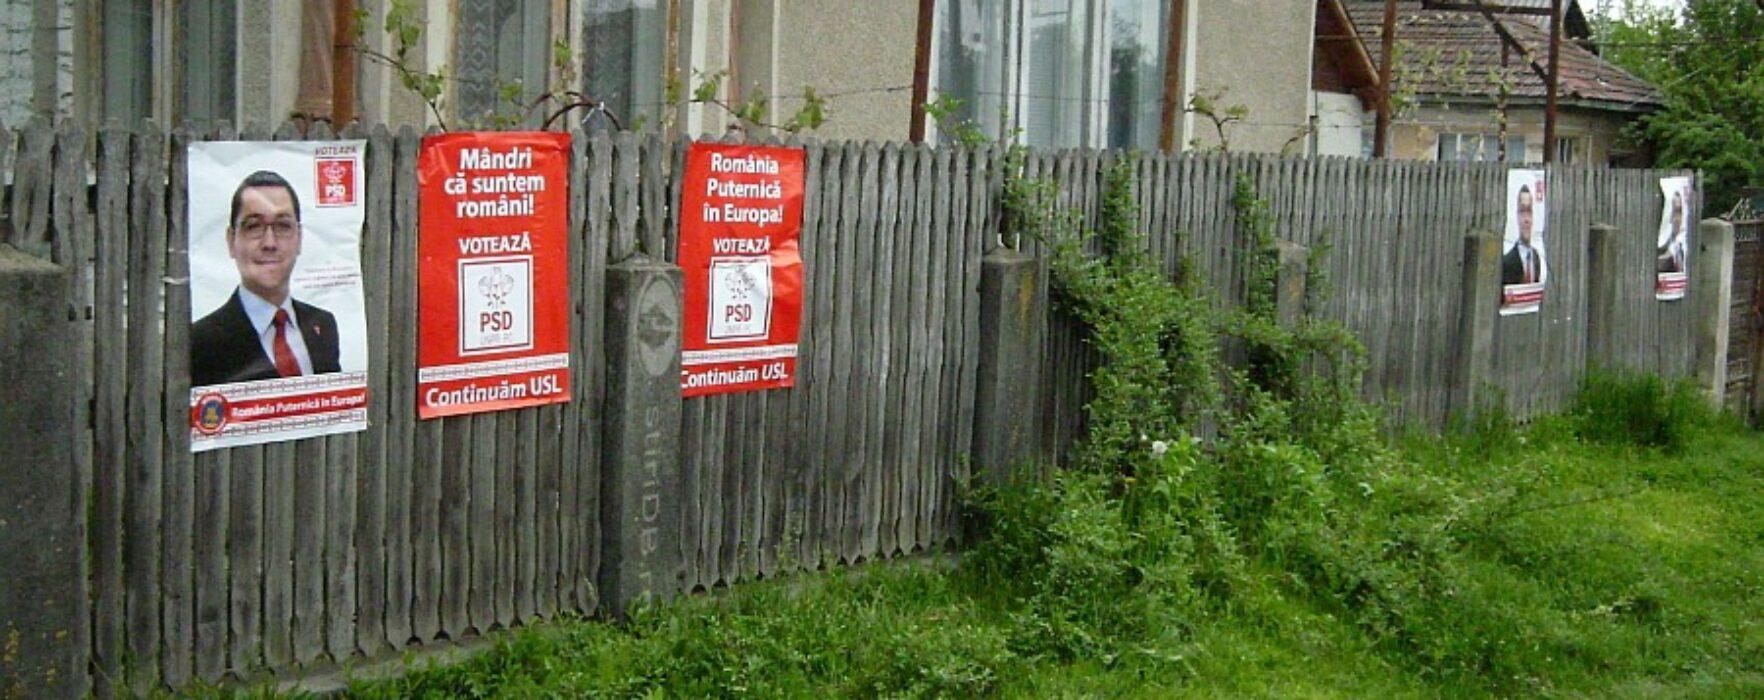 BEC a dispus înlăturarea afişelor electorale cu acronimul USL în Dâmboviţa